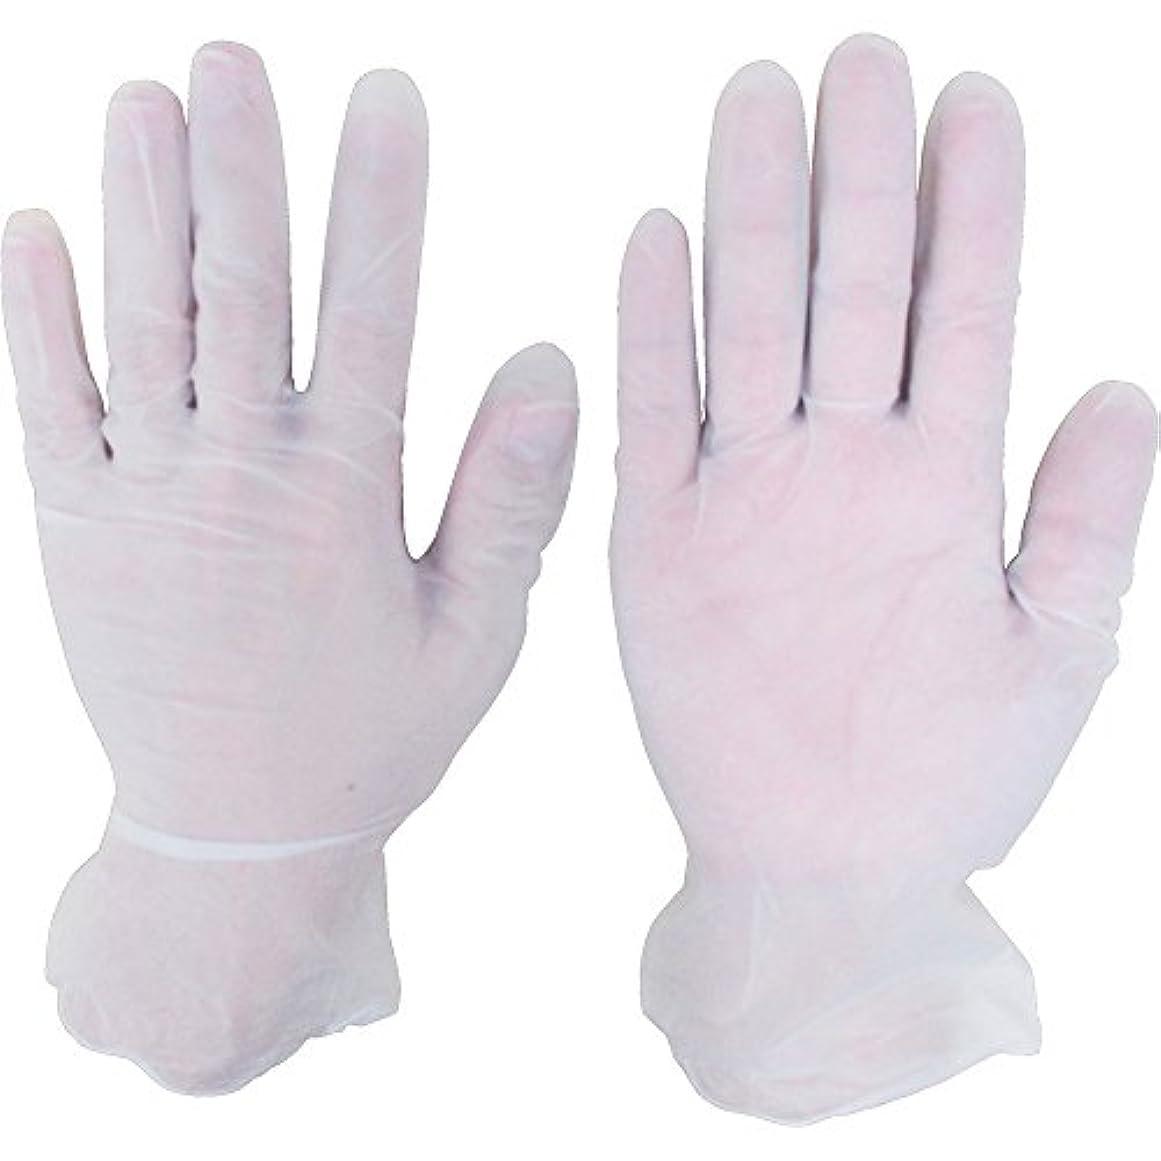 適用済み野球週間シンガー プラスチックグローブNo8100PF Sサイズ (100枚入) D201-S ビニール使い捨て手袋